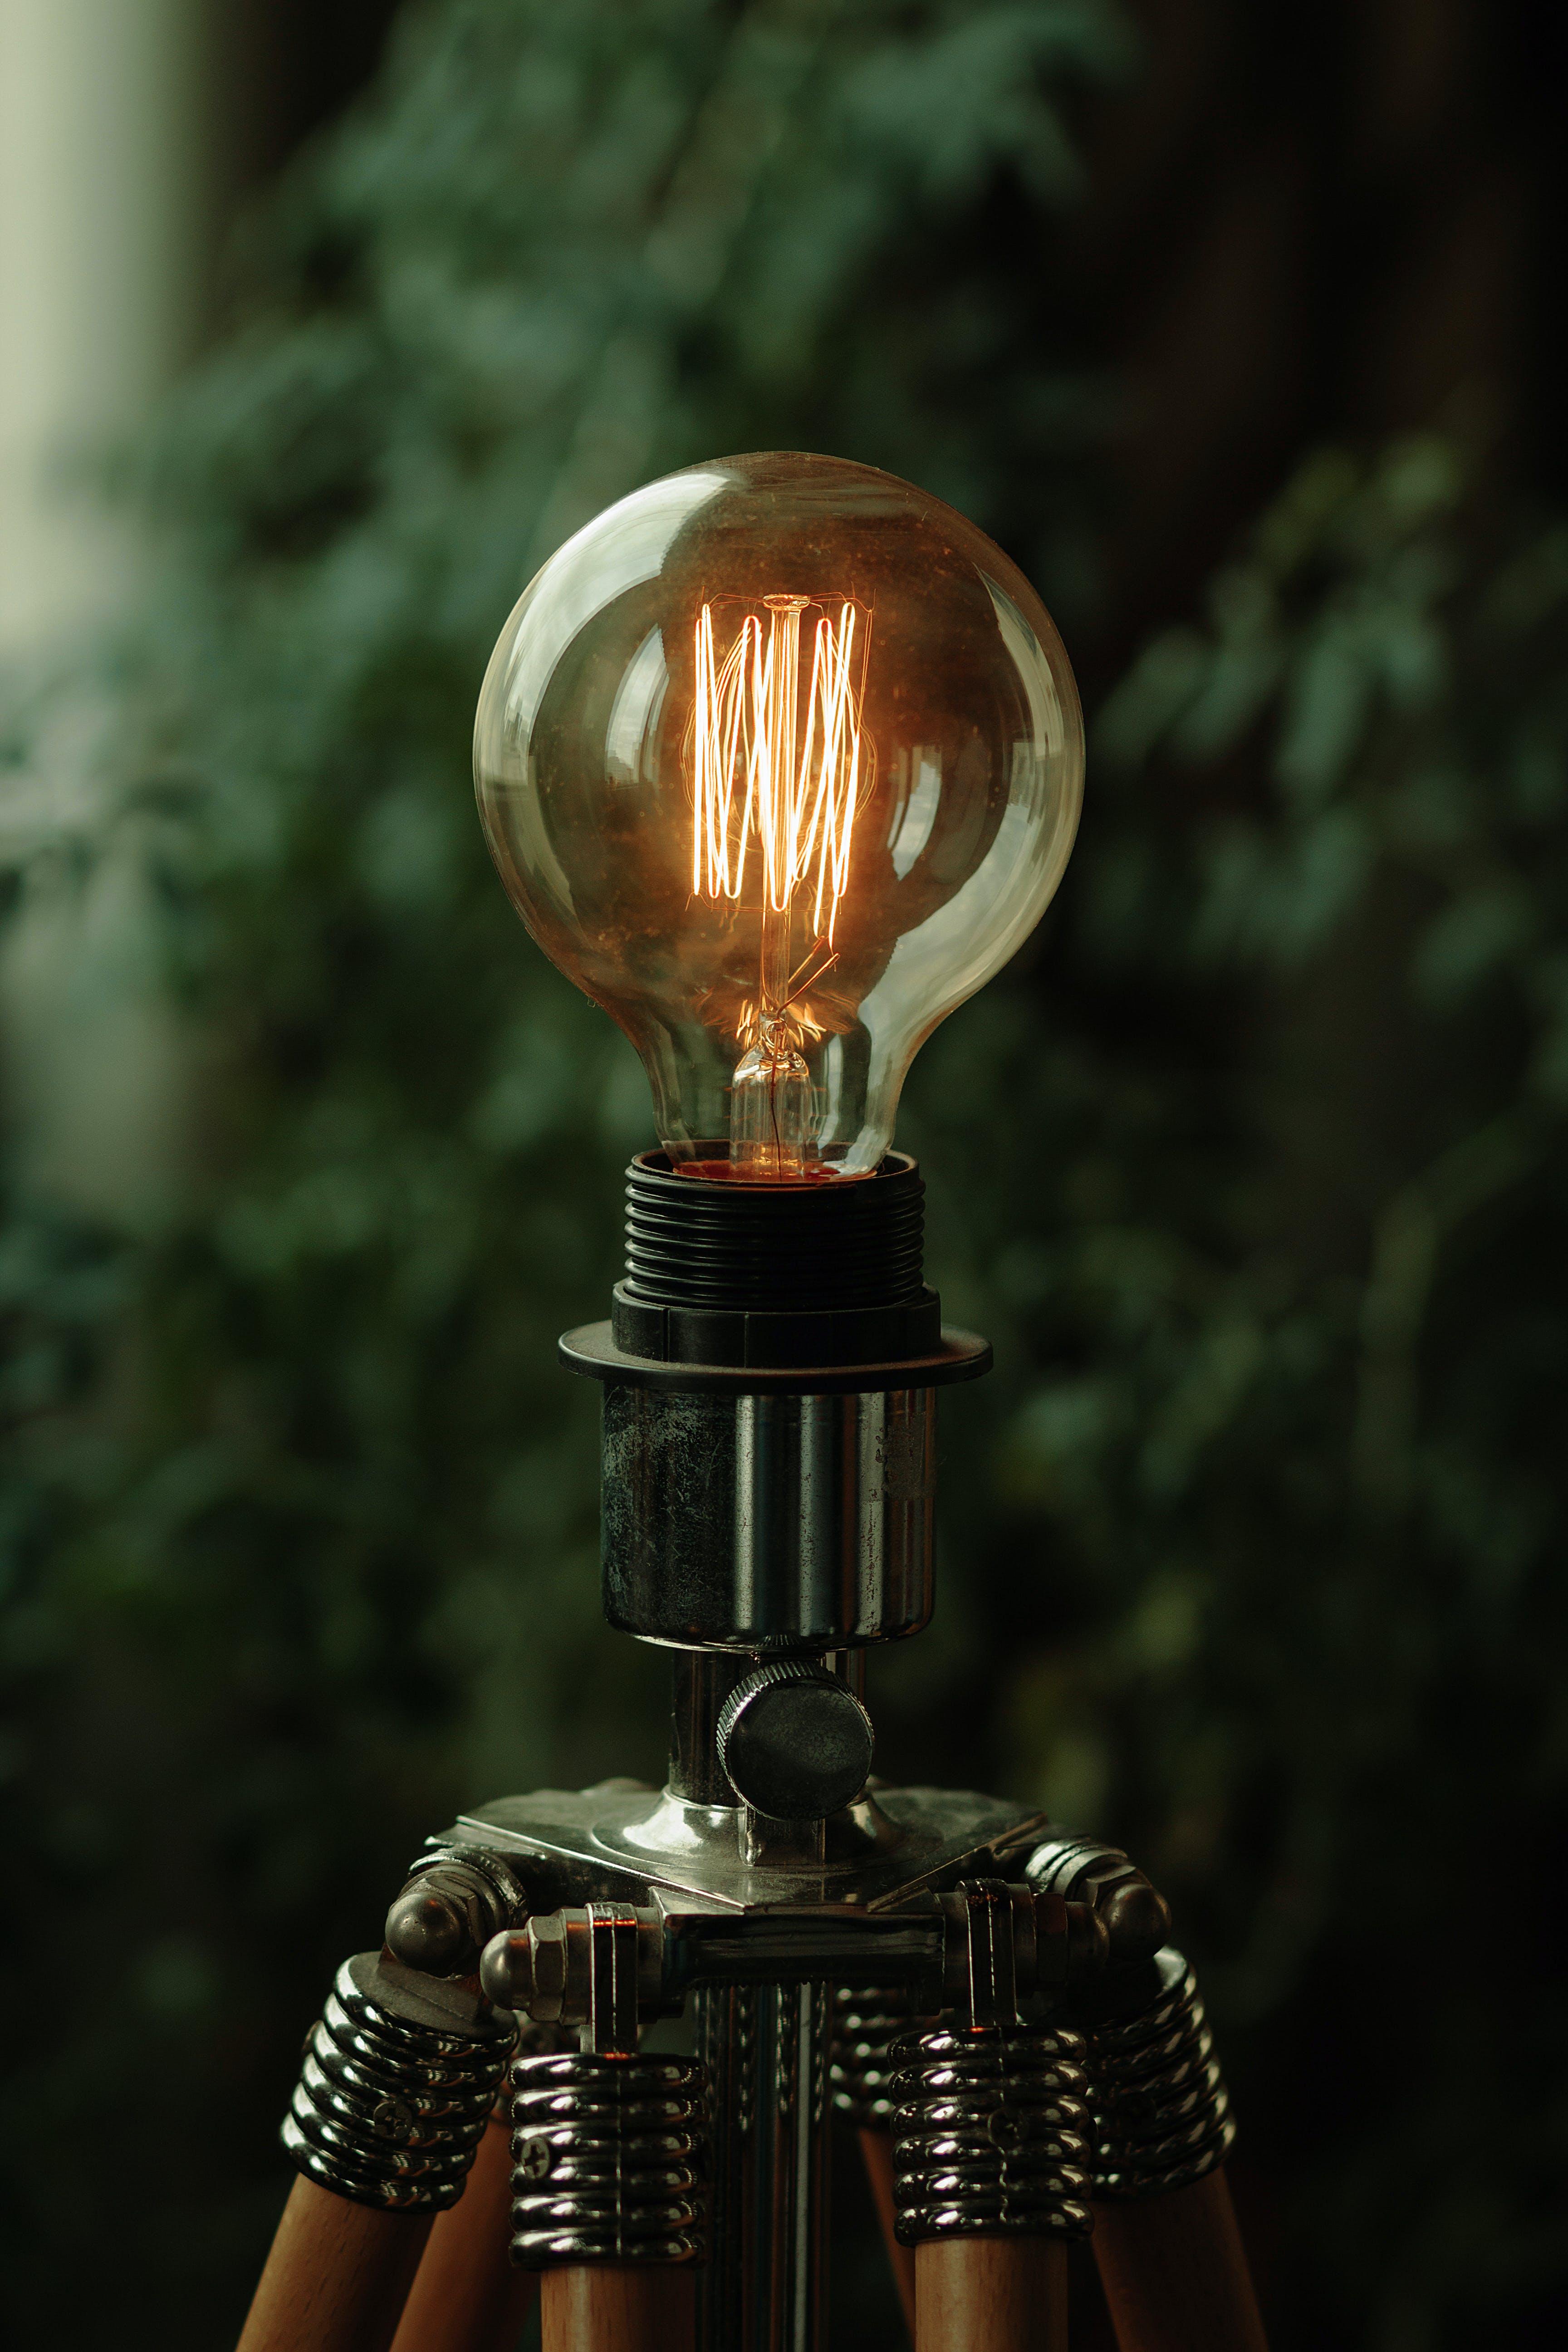 Gratis lagerfoto af belyst, close-up, design, elektricitet